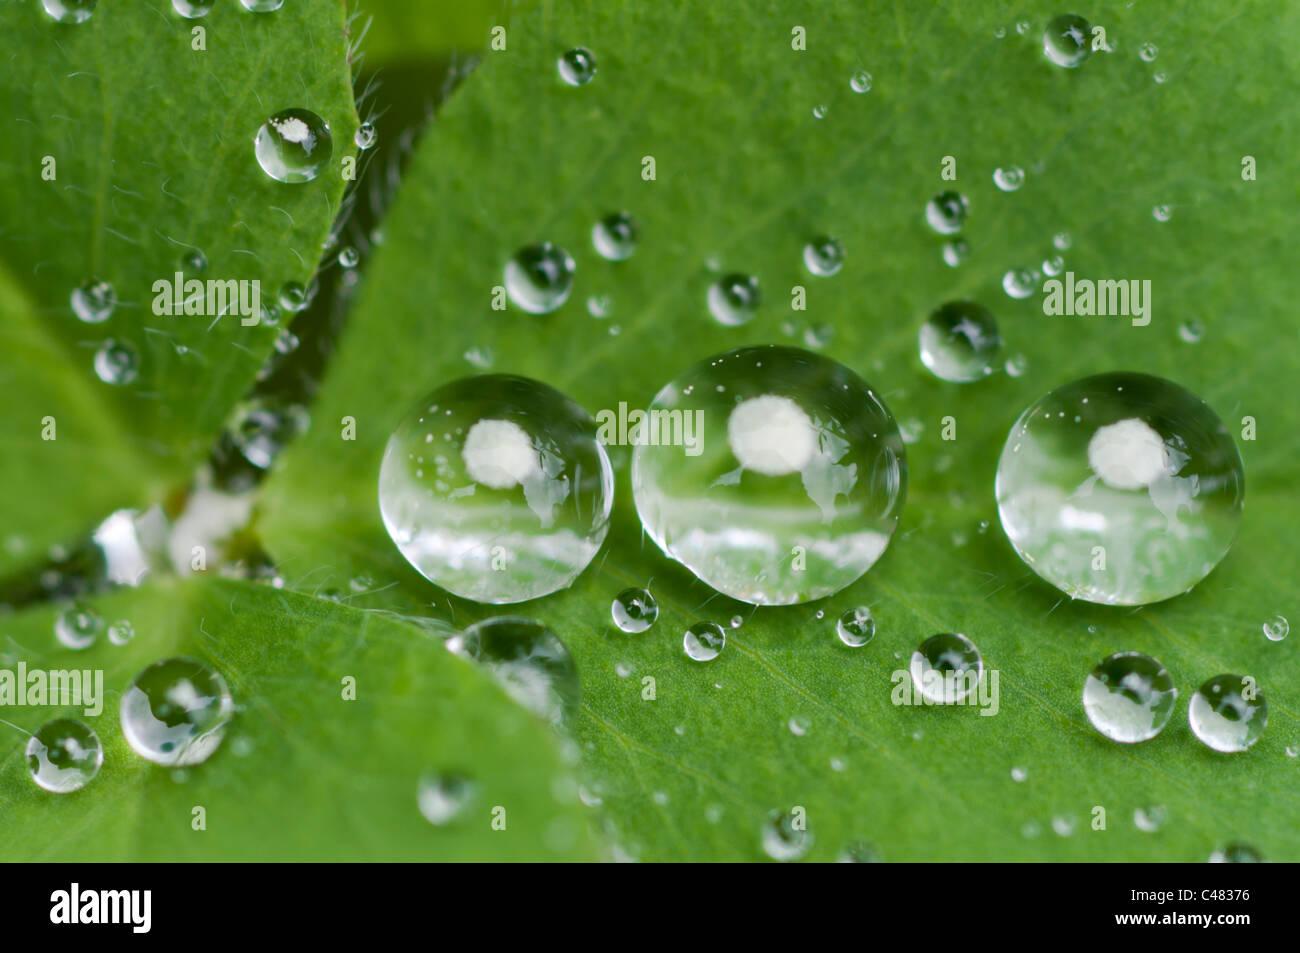 Wassertropfen auf einem Blatt, Rena, Hedmark, Norwegen, waterdrop on a leaf, Norway - Stock Image